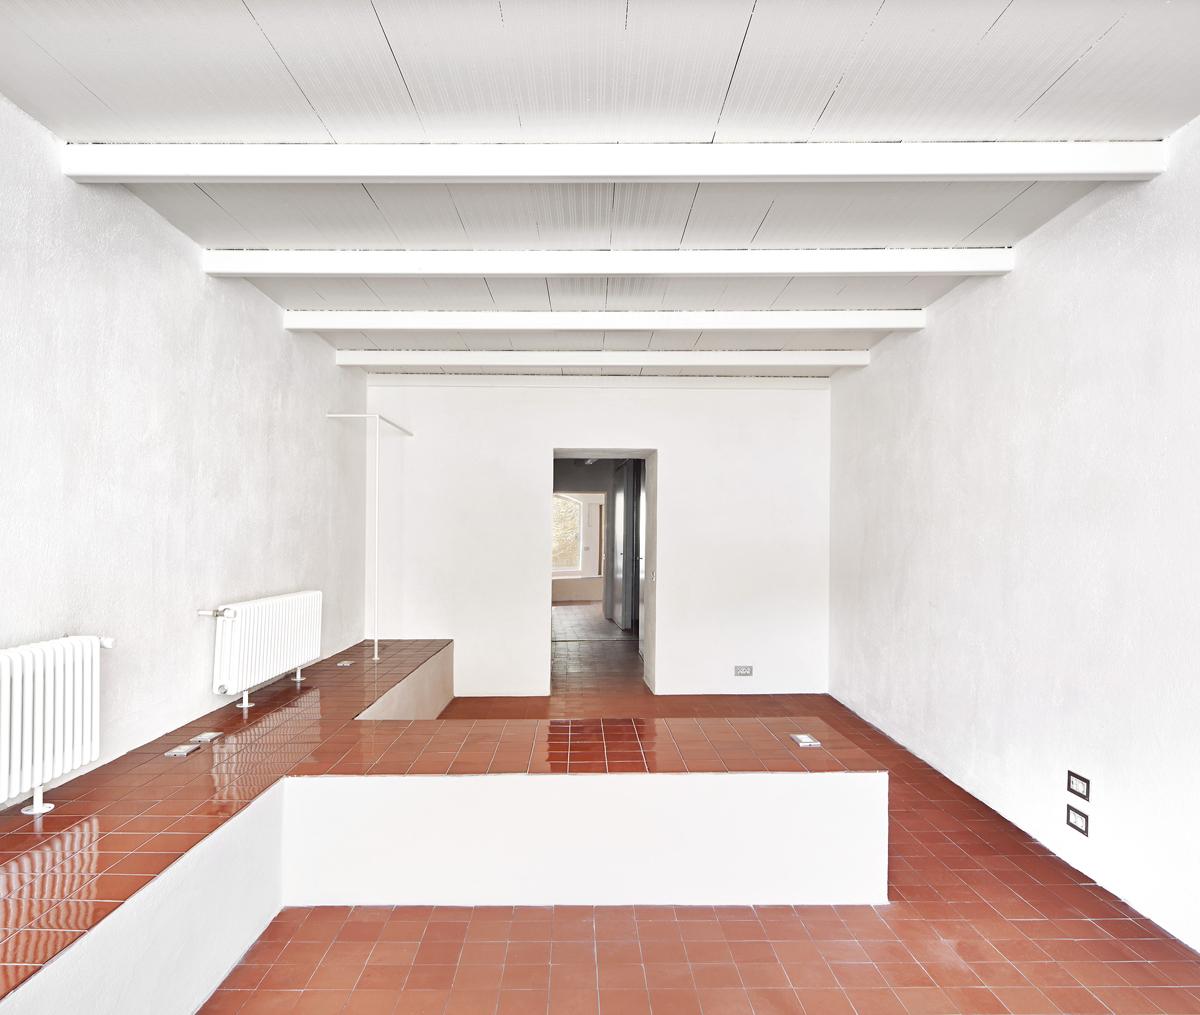 Arquitectura g reforma de una vivienda en la tallada for Reforma de una casa